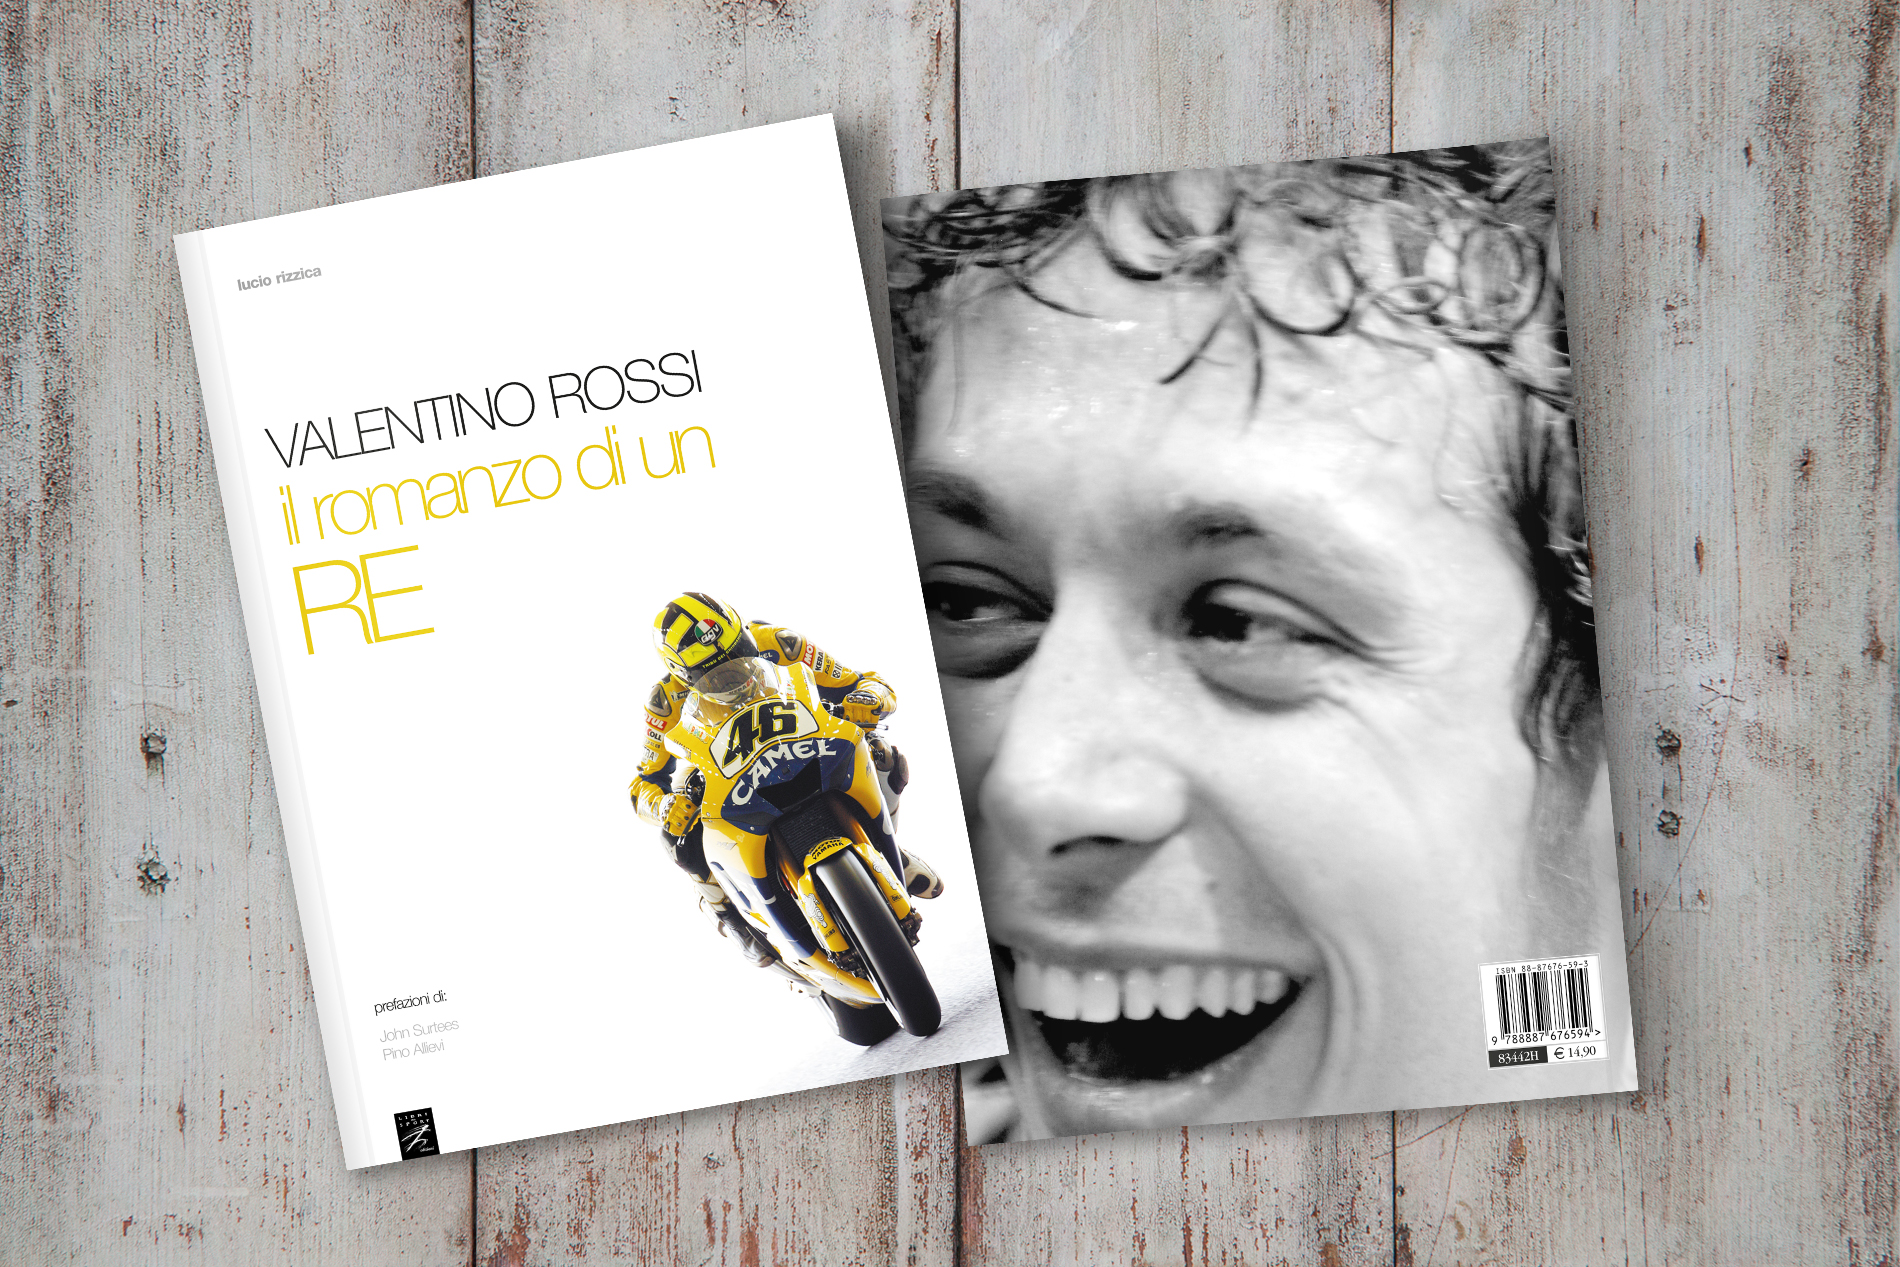 Valentino Rossi 2006